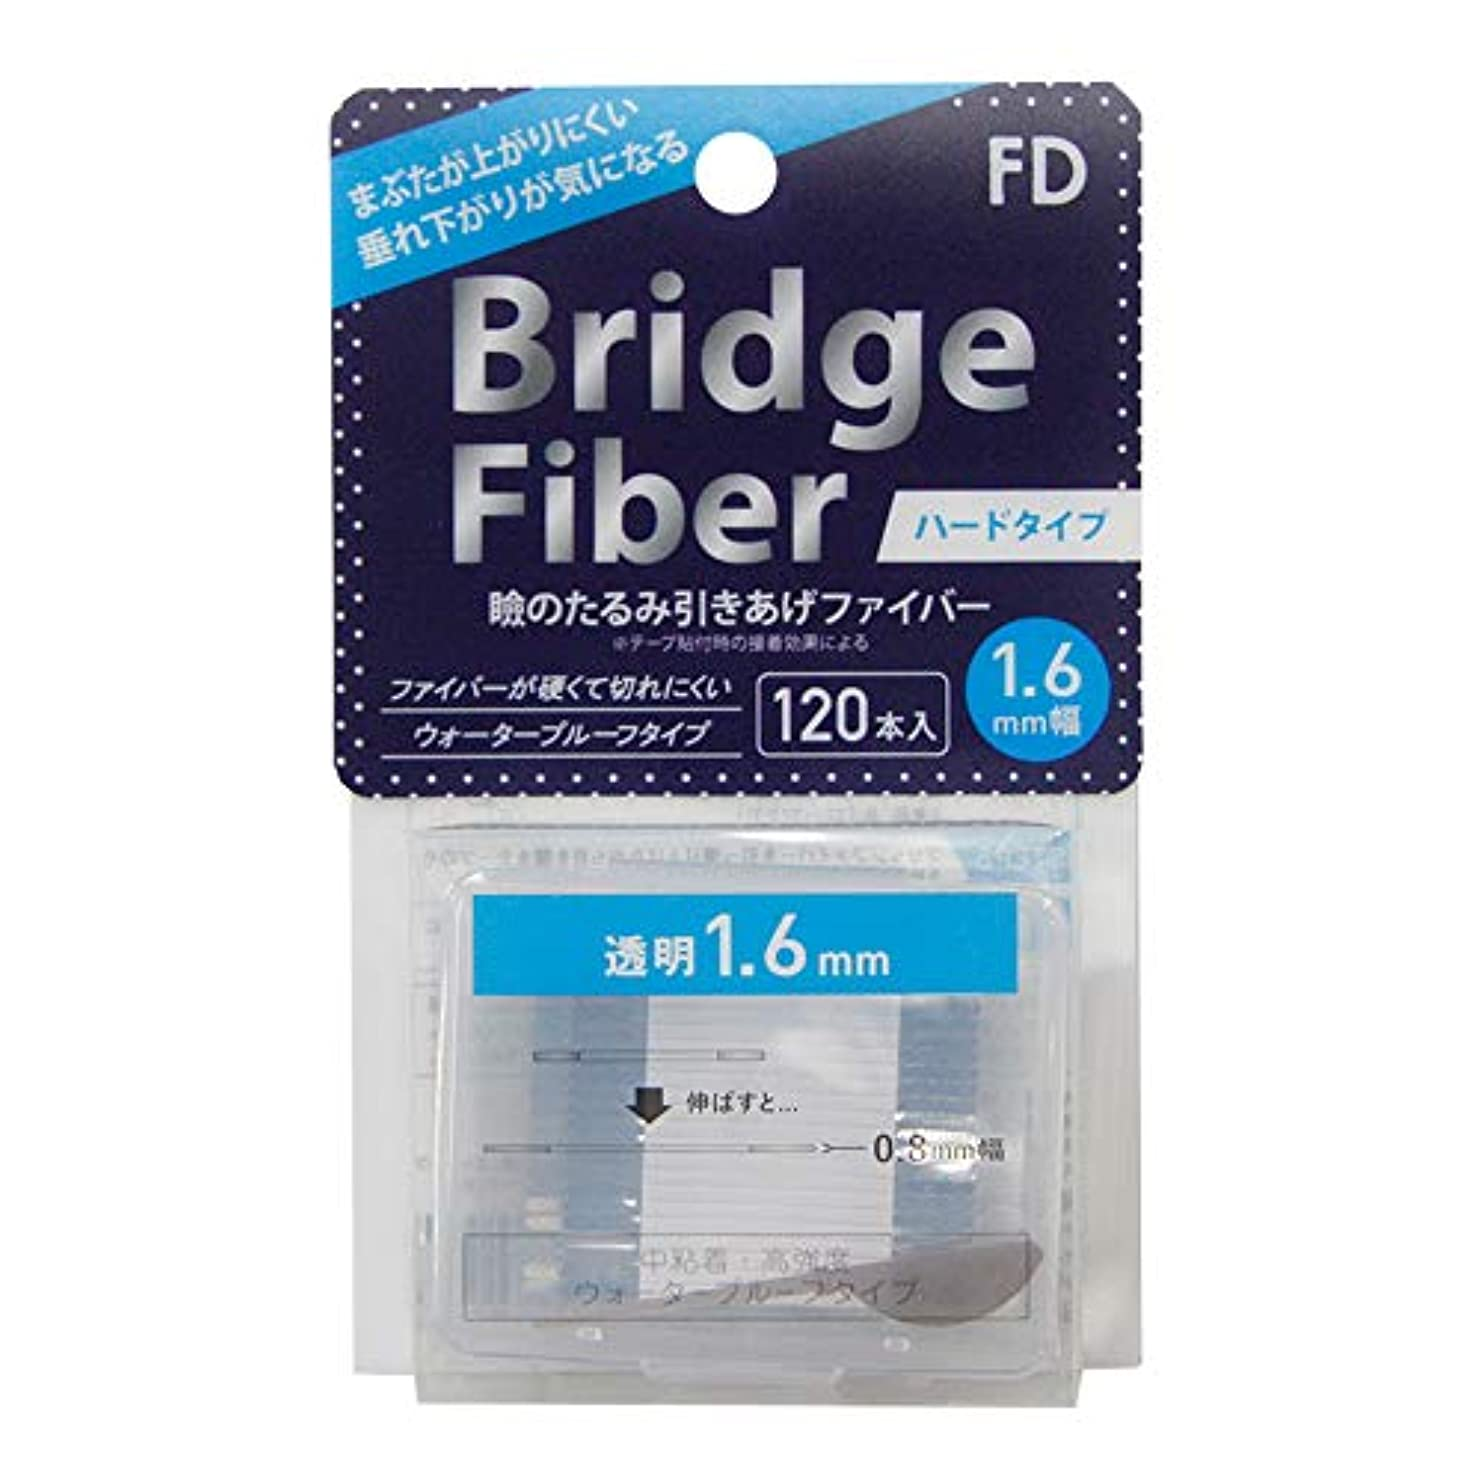 アブセイもっと賛辞FD ブリッジハードファイバー 眼瞼下垂防止テープ ハードタイプ 透明1.6mm幅 120本入り